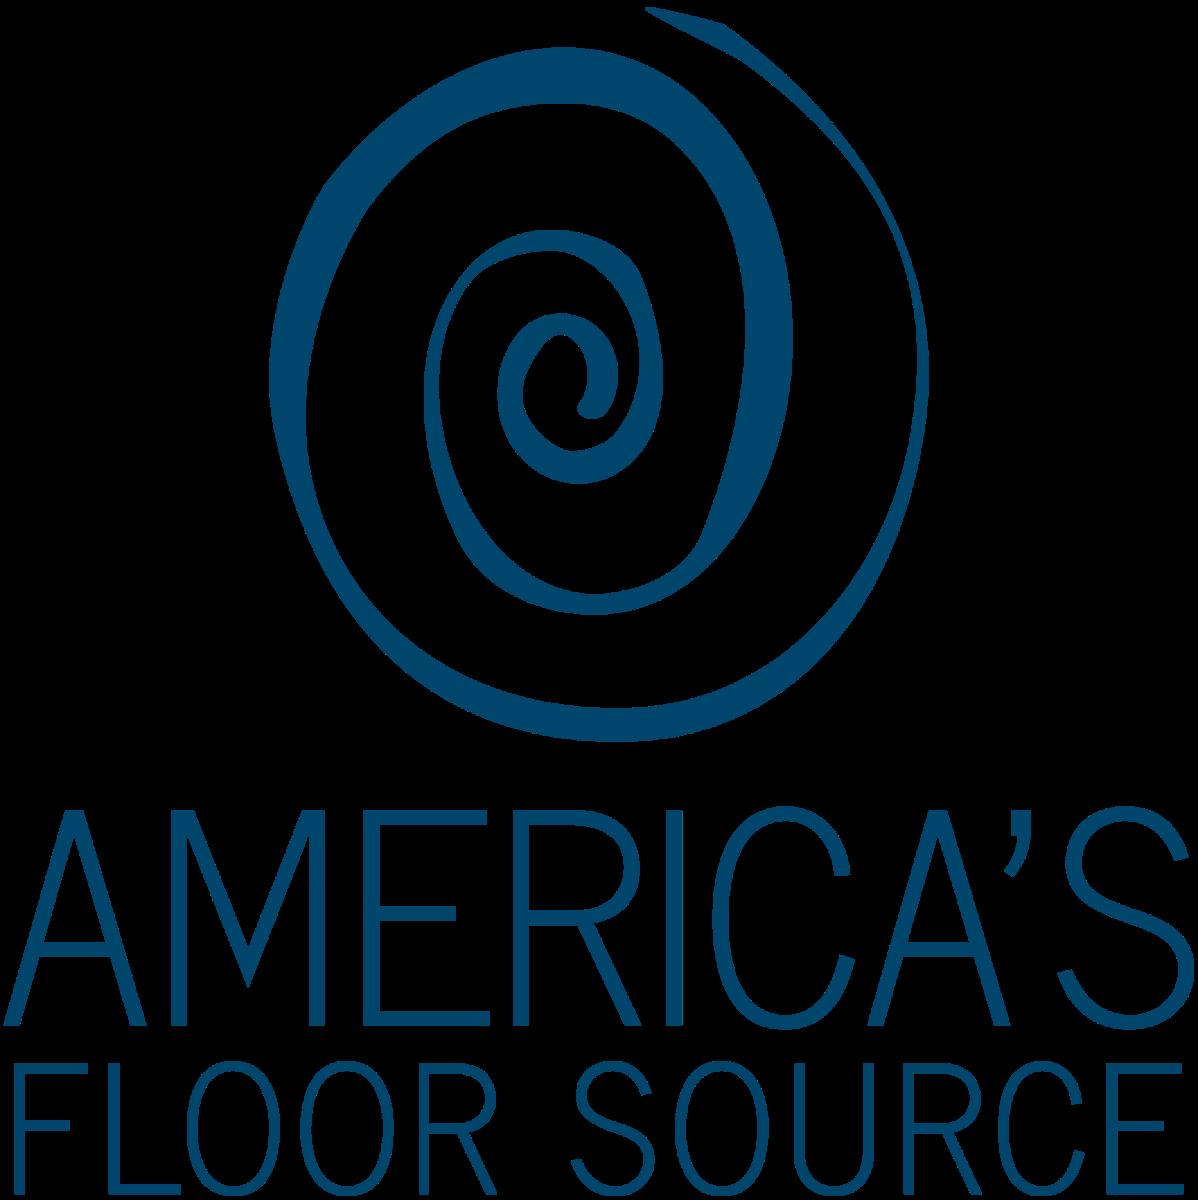 America's Floor Source